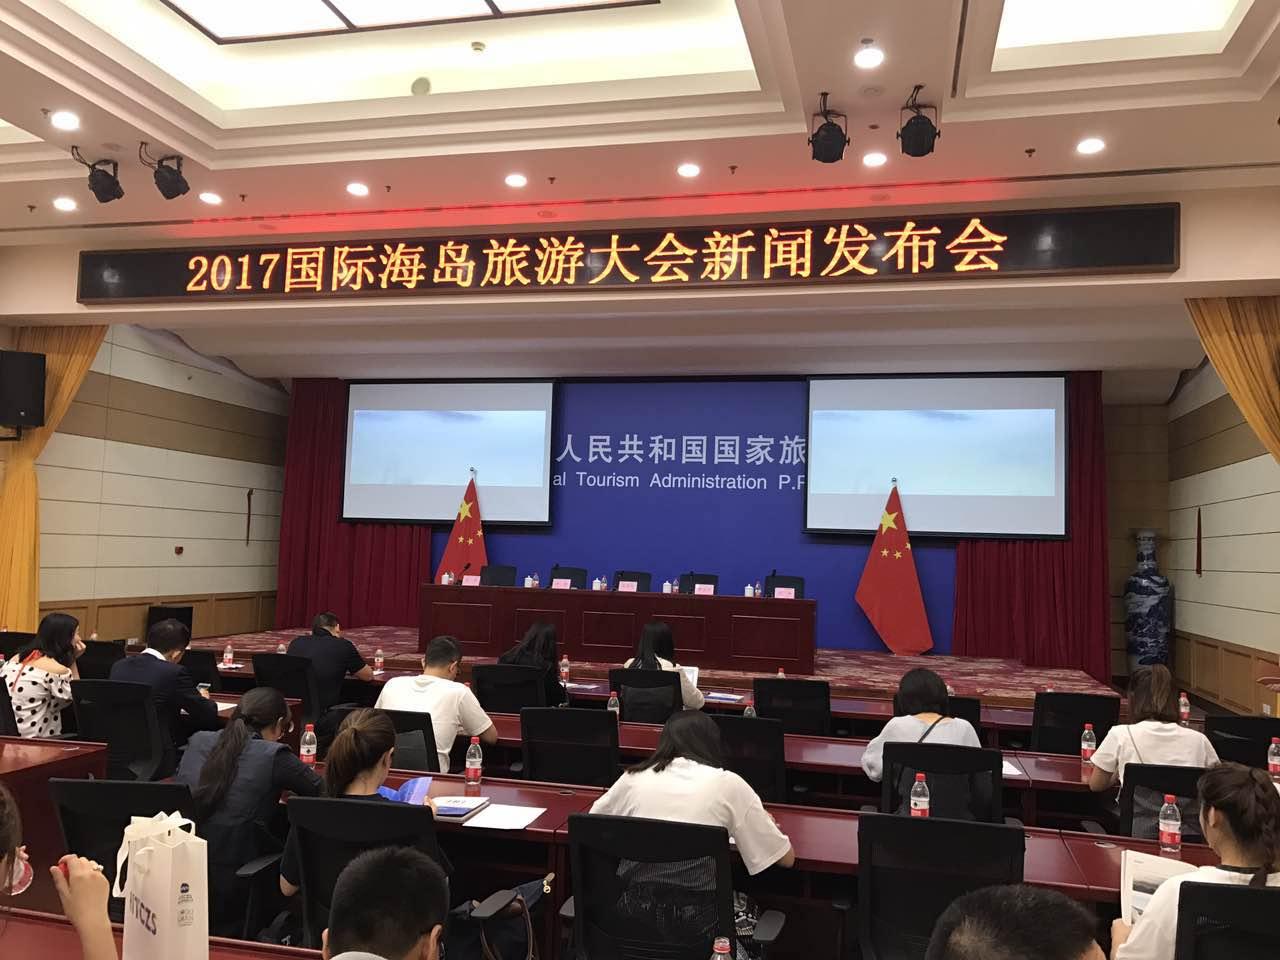 浙江舟山:2017国际海岛旅游大会于9月召开